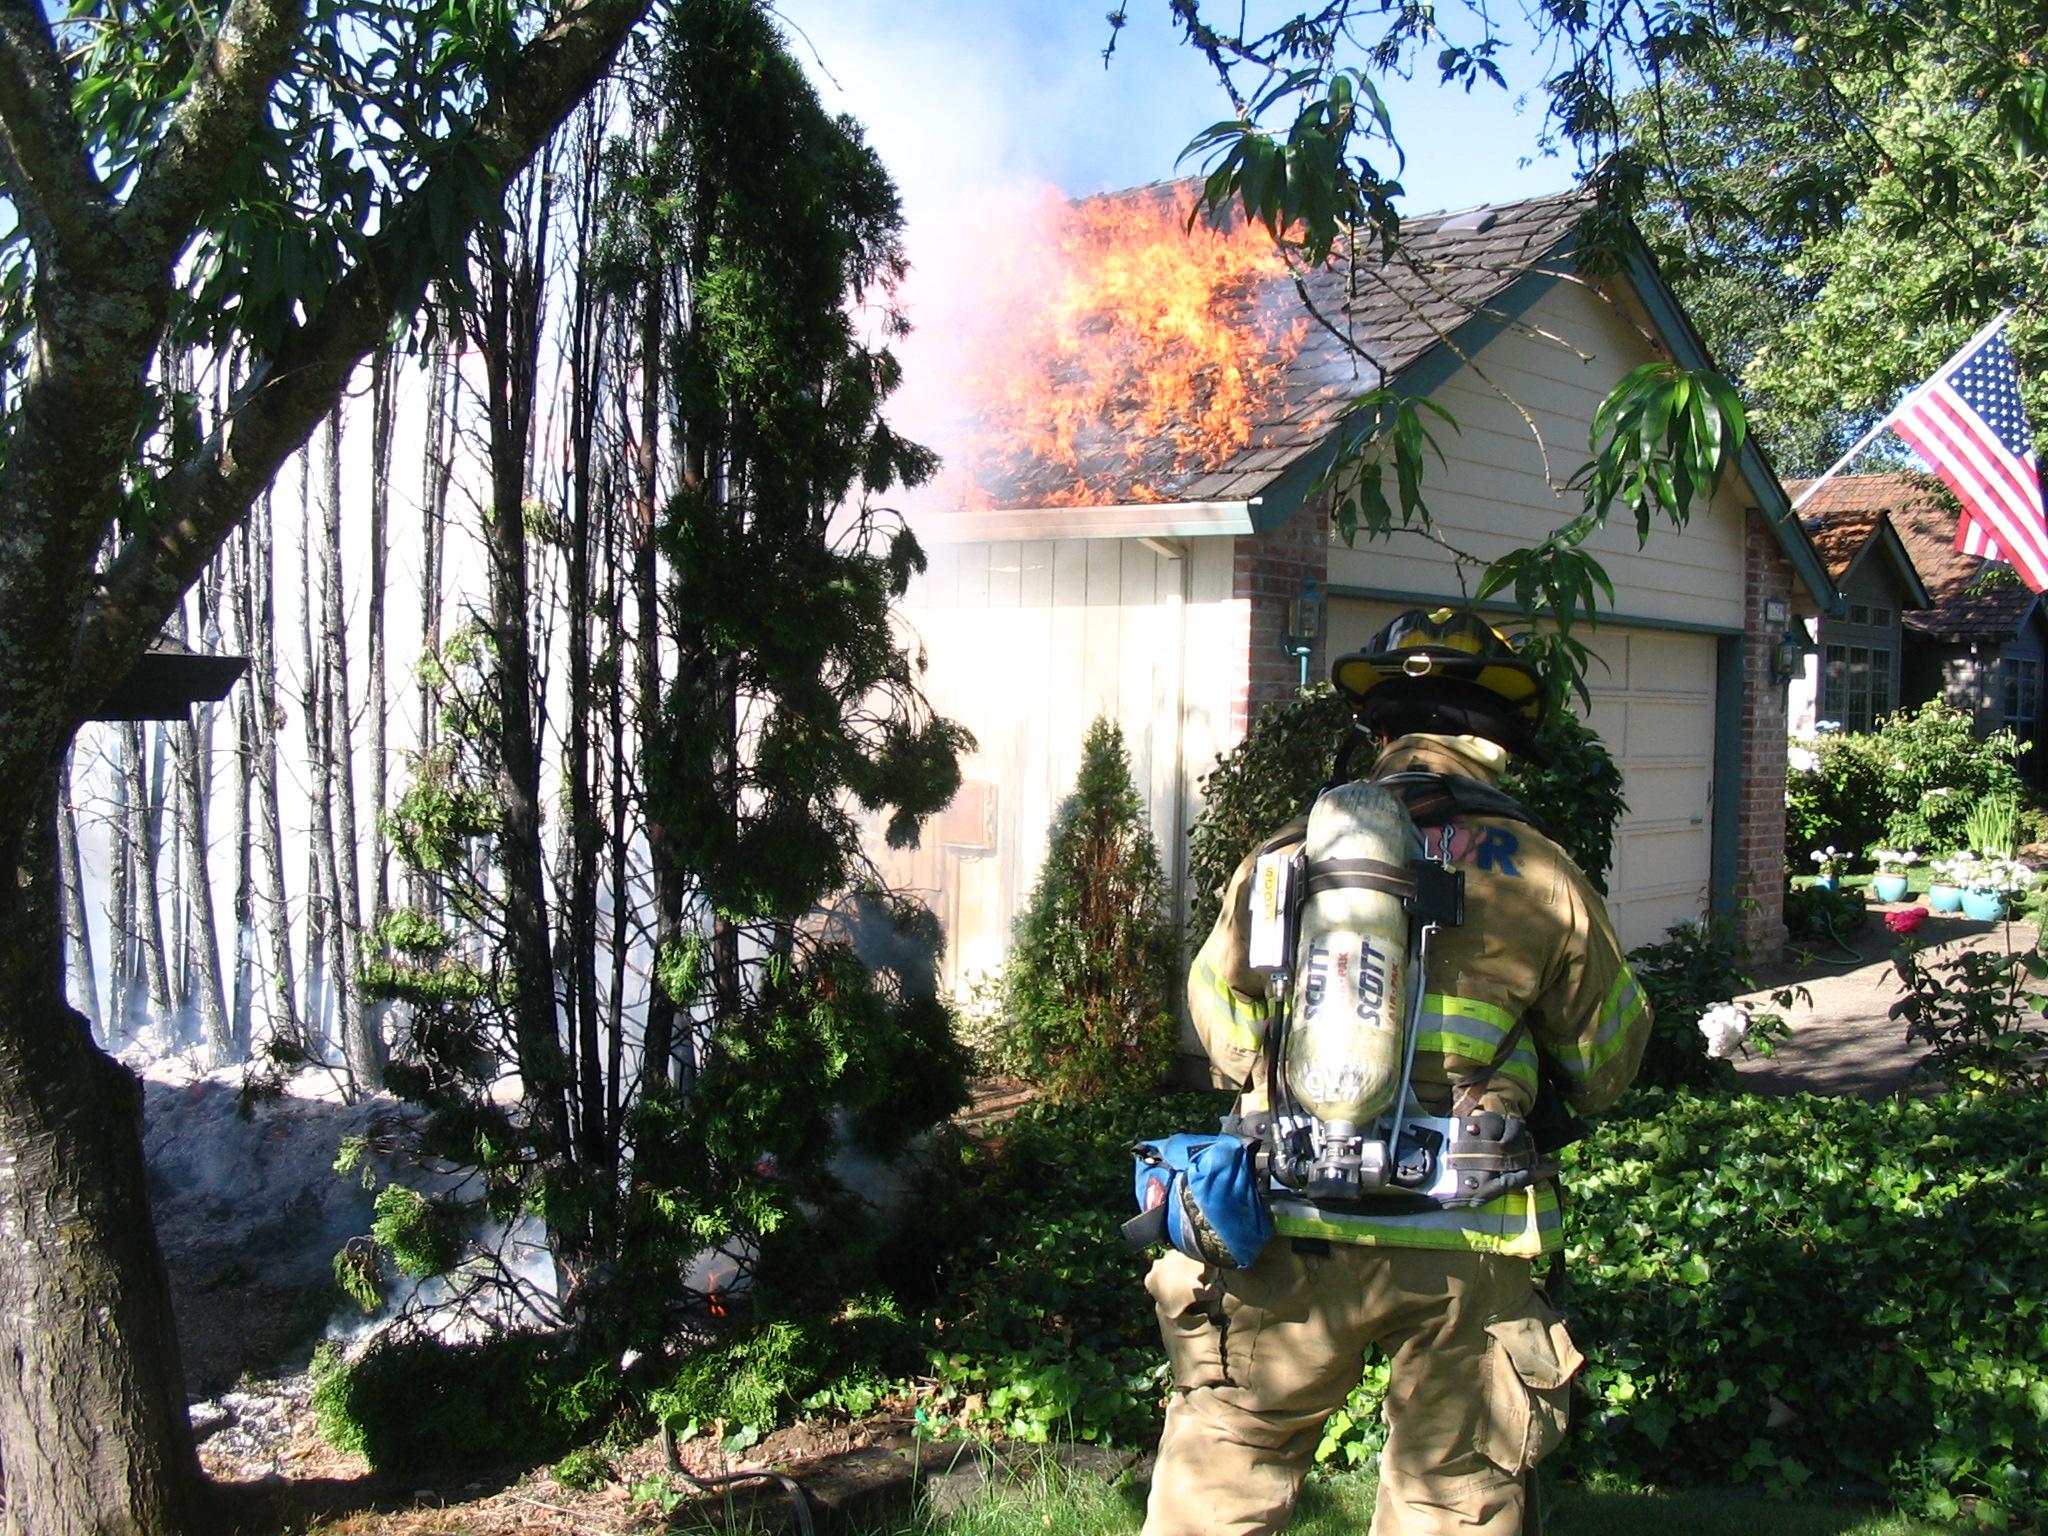 (c)2009 Em https://diabetesdietdialogue.wordpress.com 2009-6 Our Fire - Tom's house ignites